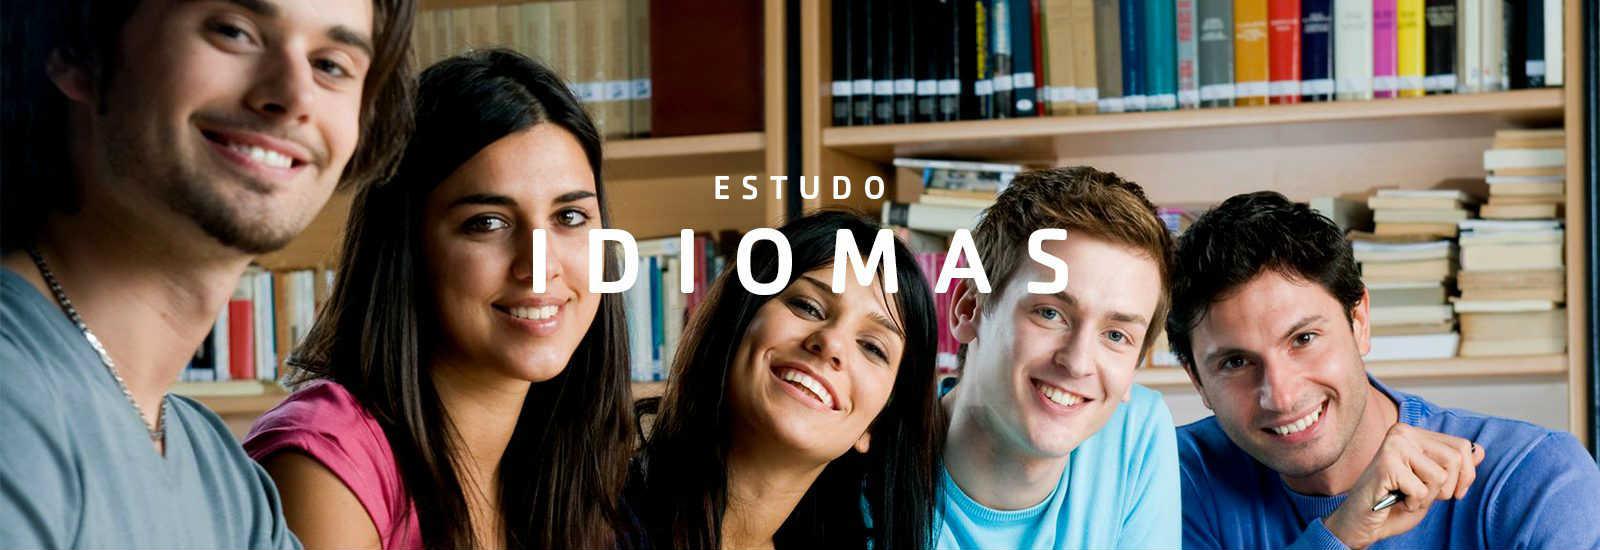 banner intercambio viagens internacional cursos estude exterior jovens Belo horizonte agencia ed - Camp Counselor (YCCP)